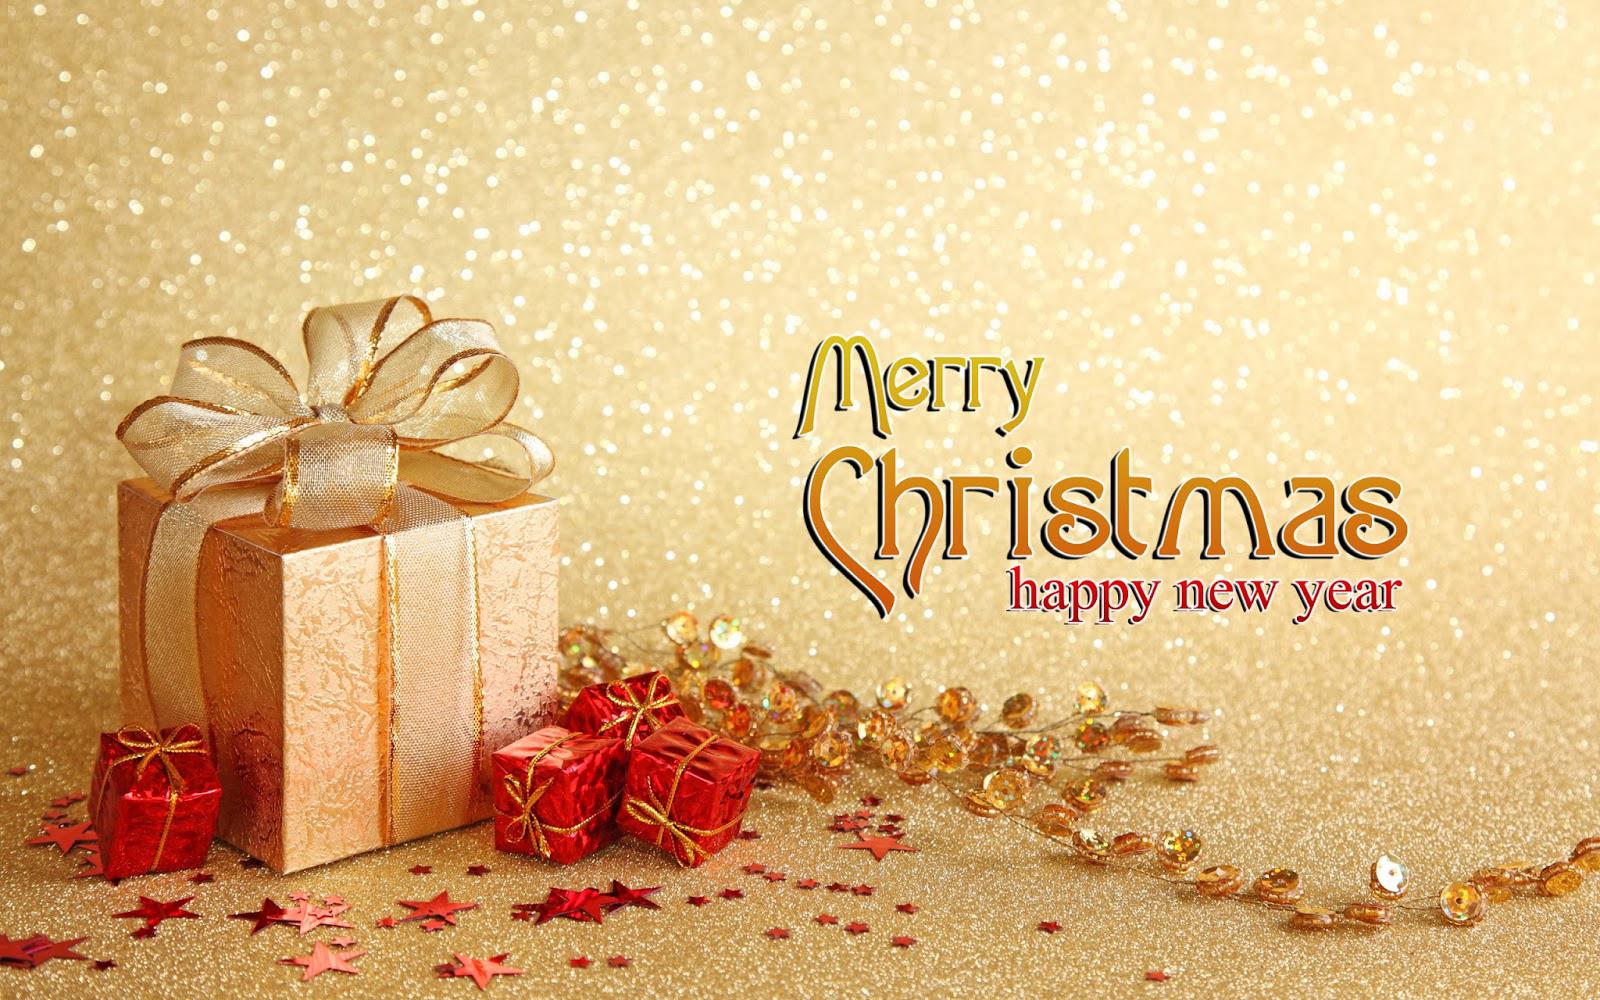 Merry Christmas Newsdzezimbabwenewsdzezimbabwe